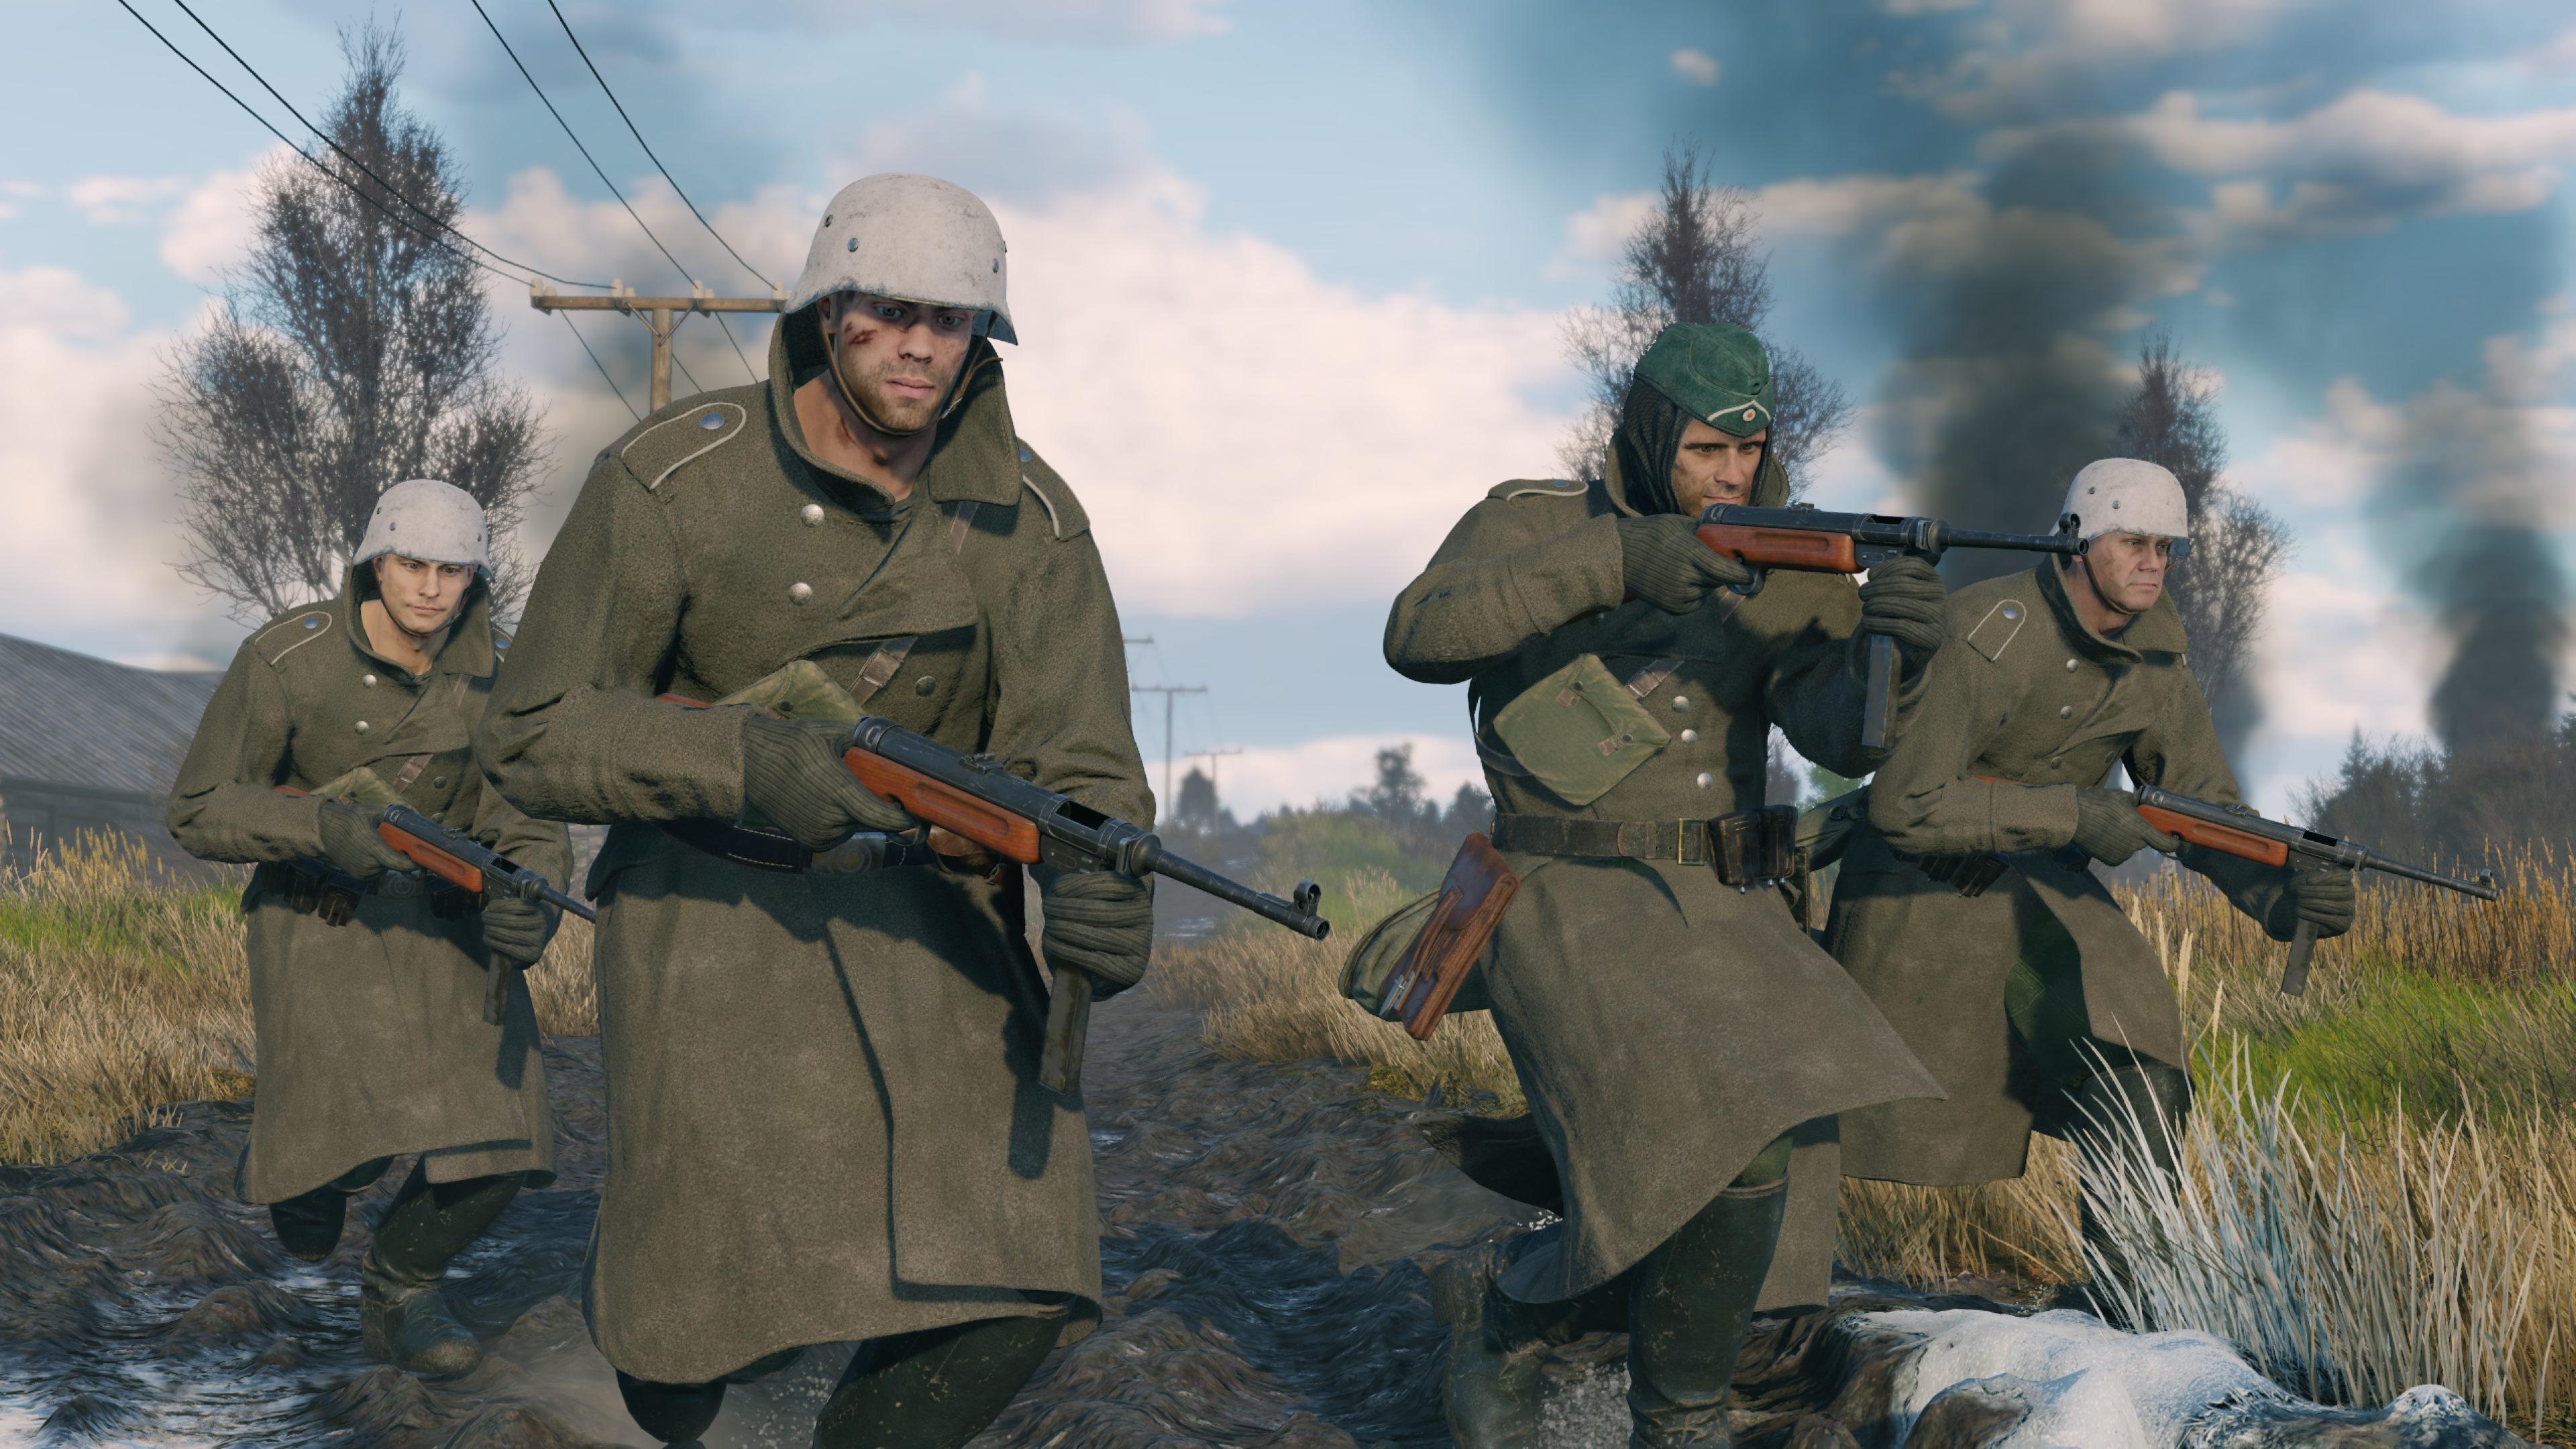 Скриншот №2 к Enlisted - Комплект Основателя Битва за Москву Отряд MP 41